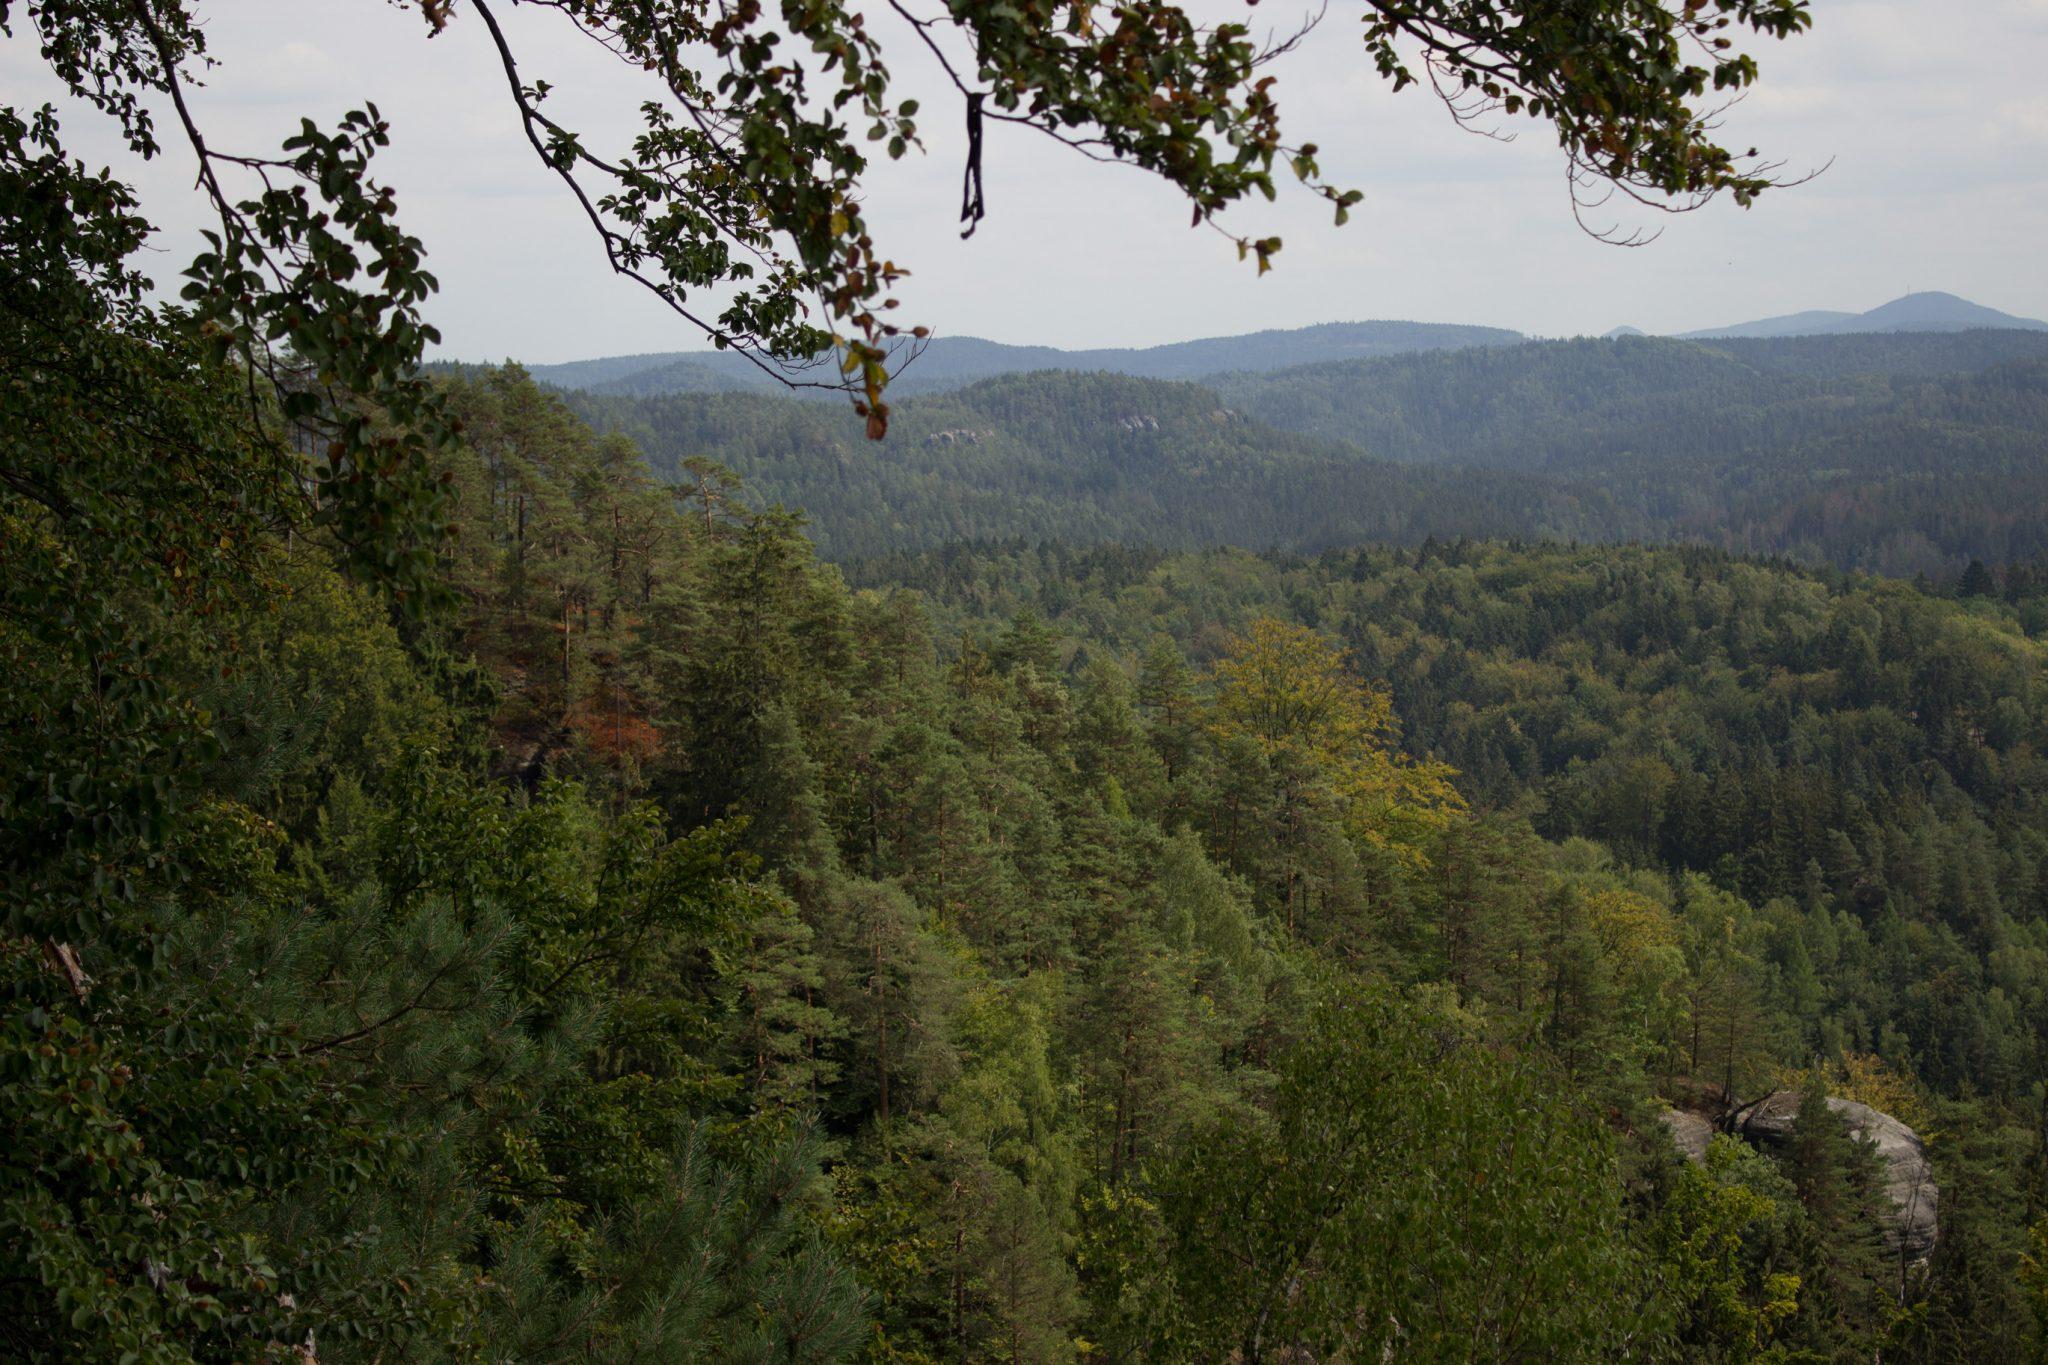 Kirnitzschklamm Hermanseck und Königsplatz im Kirnitzschtal wandern, Wanderweg im Wanderparadies Sächsische Schweiz mit vielen tollen Aussichten, riesiger Felsennationalpark, wunderschöne Aussicht vom Königsplatz auf einen Großteil des Nationalparks